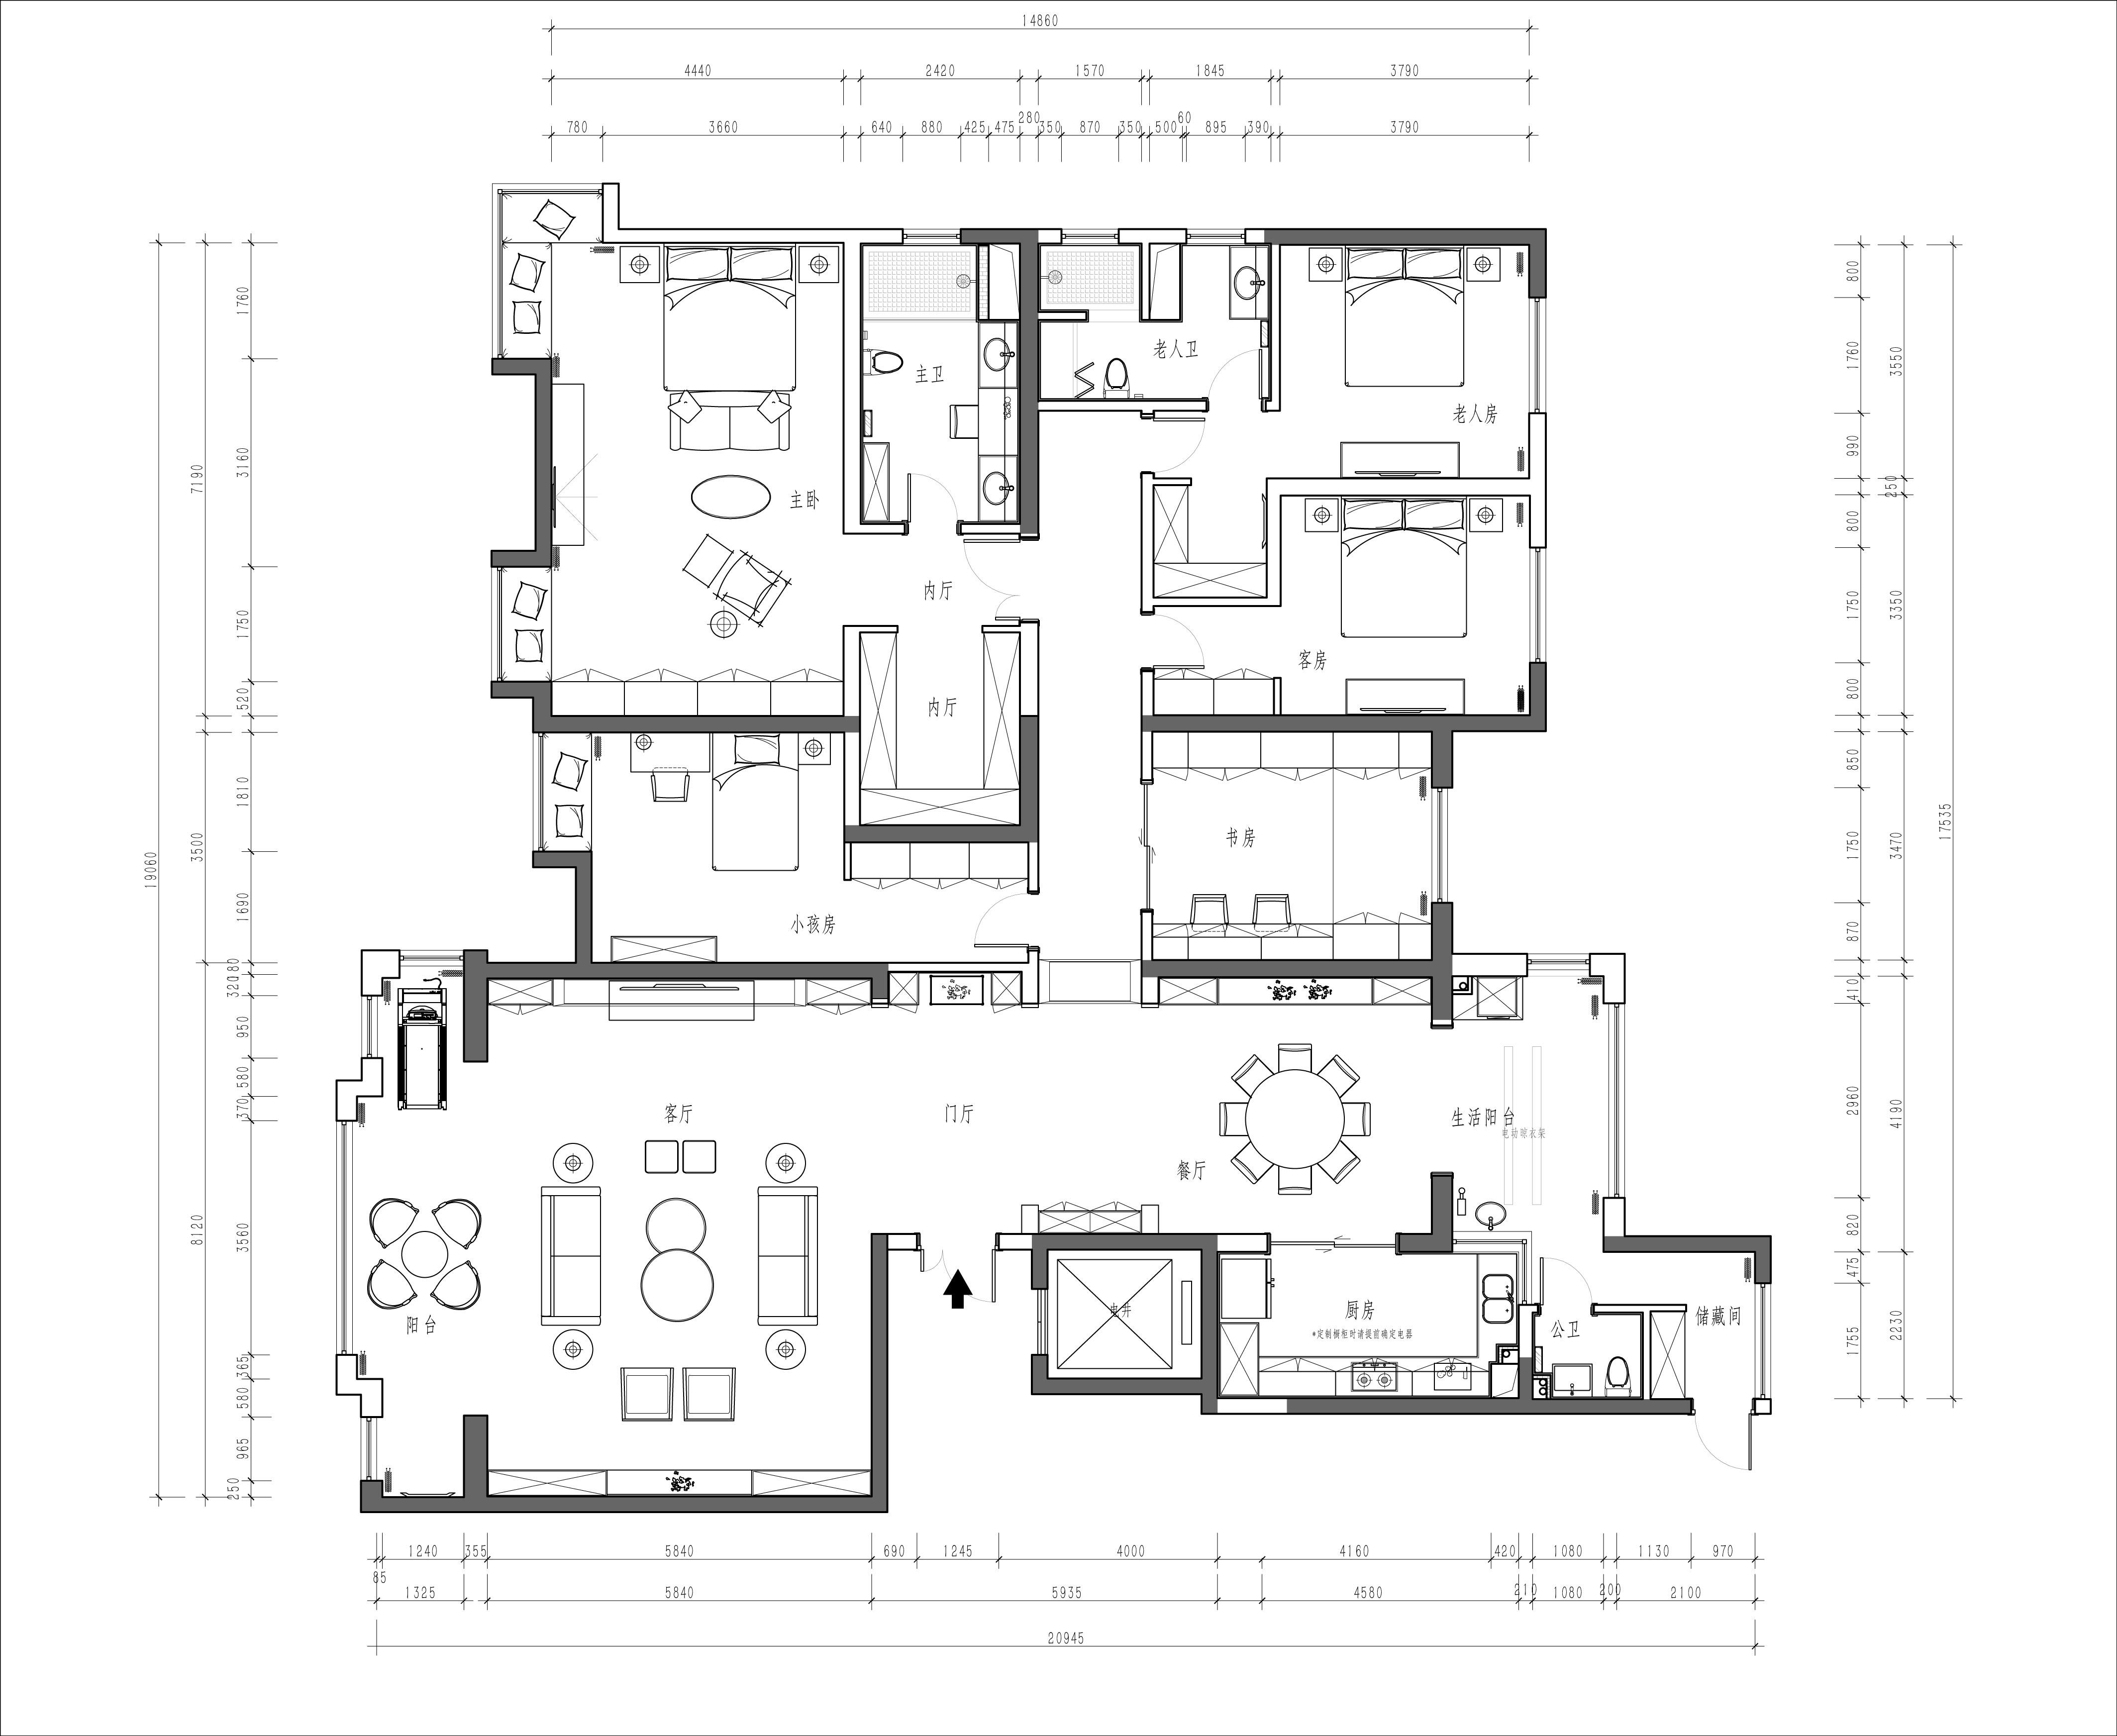 碧桂园-330平米-现代简约风格装修案例效果图装修设计理念